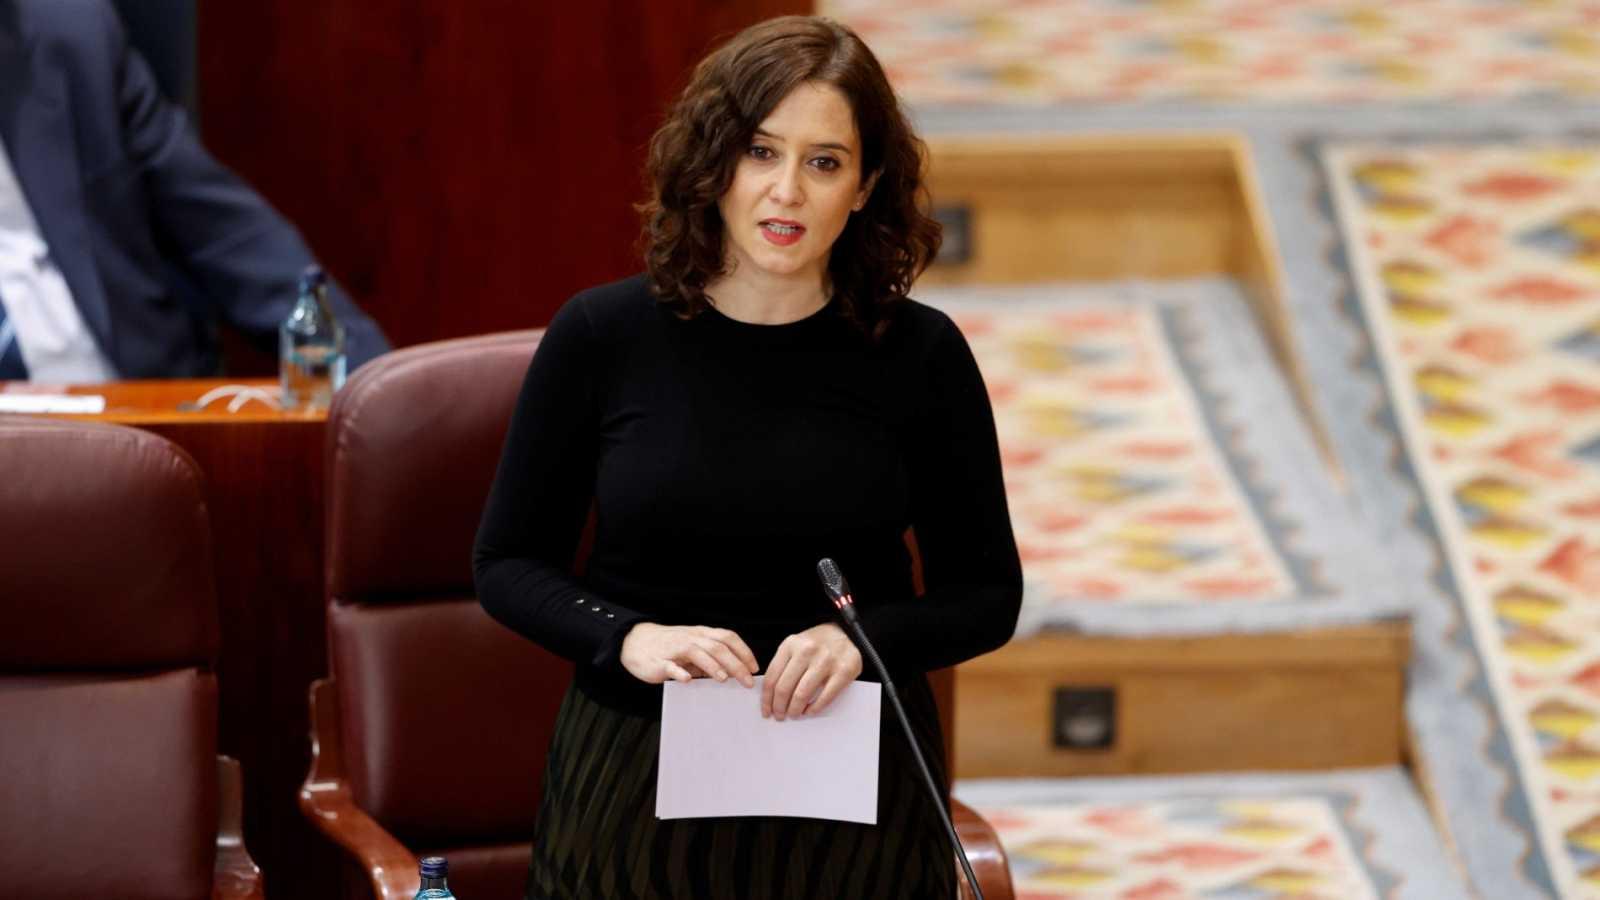 La presidenta de la Comunidad de Madrid, Isabel Díaz Ayuso interviene en el pleno de la Asamblea de Madrid